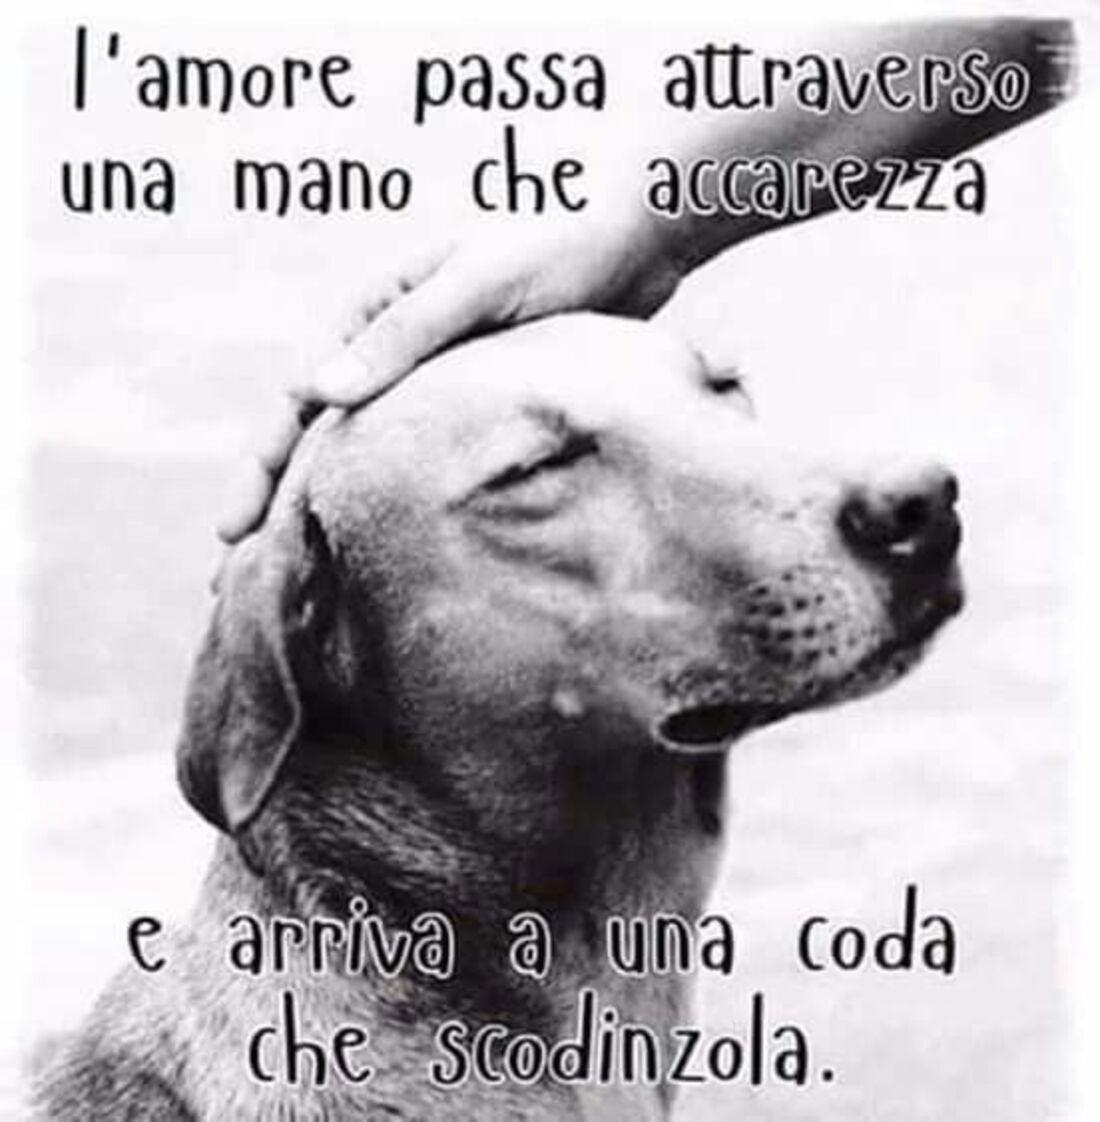 """""""L'amore passa attraverso una mano che accarezza e arriva ad una coda che scodinzola."""" - Frasi belle sui cani"""